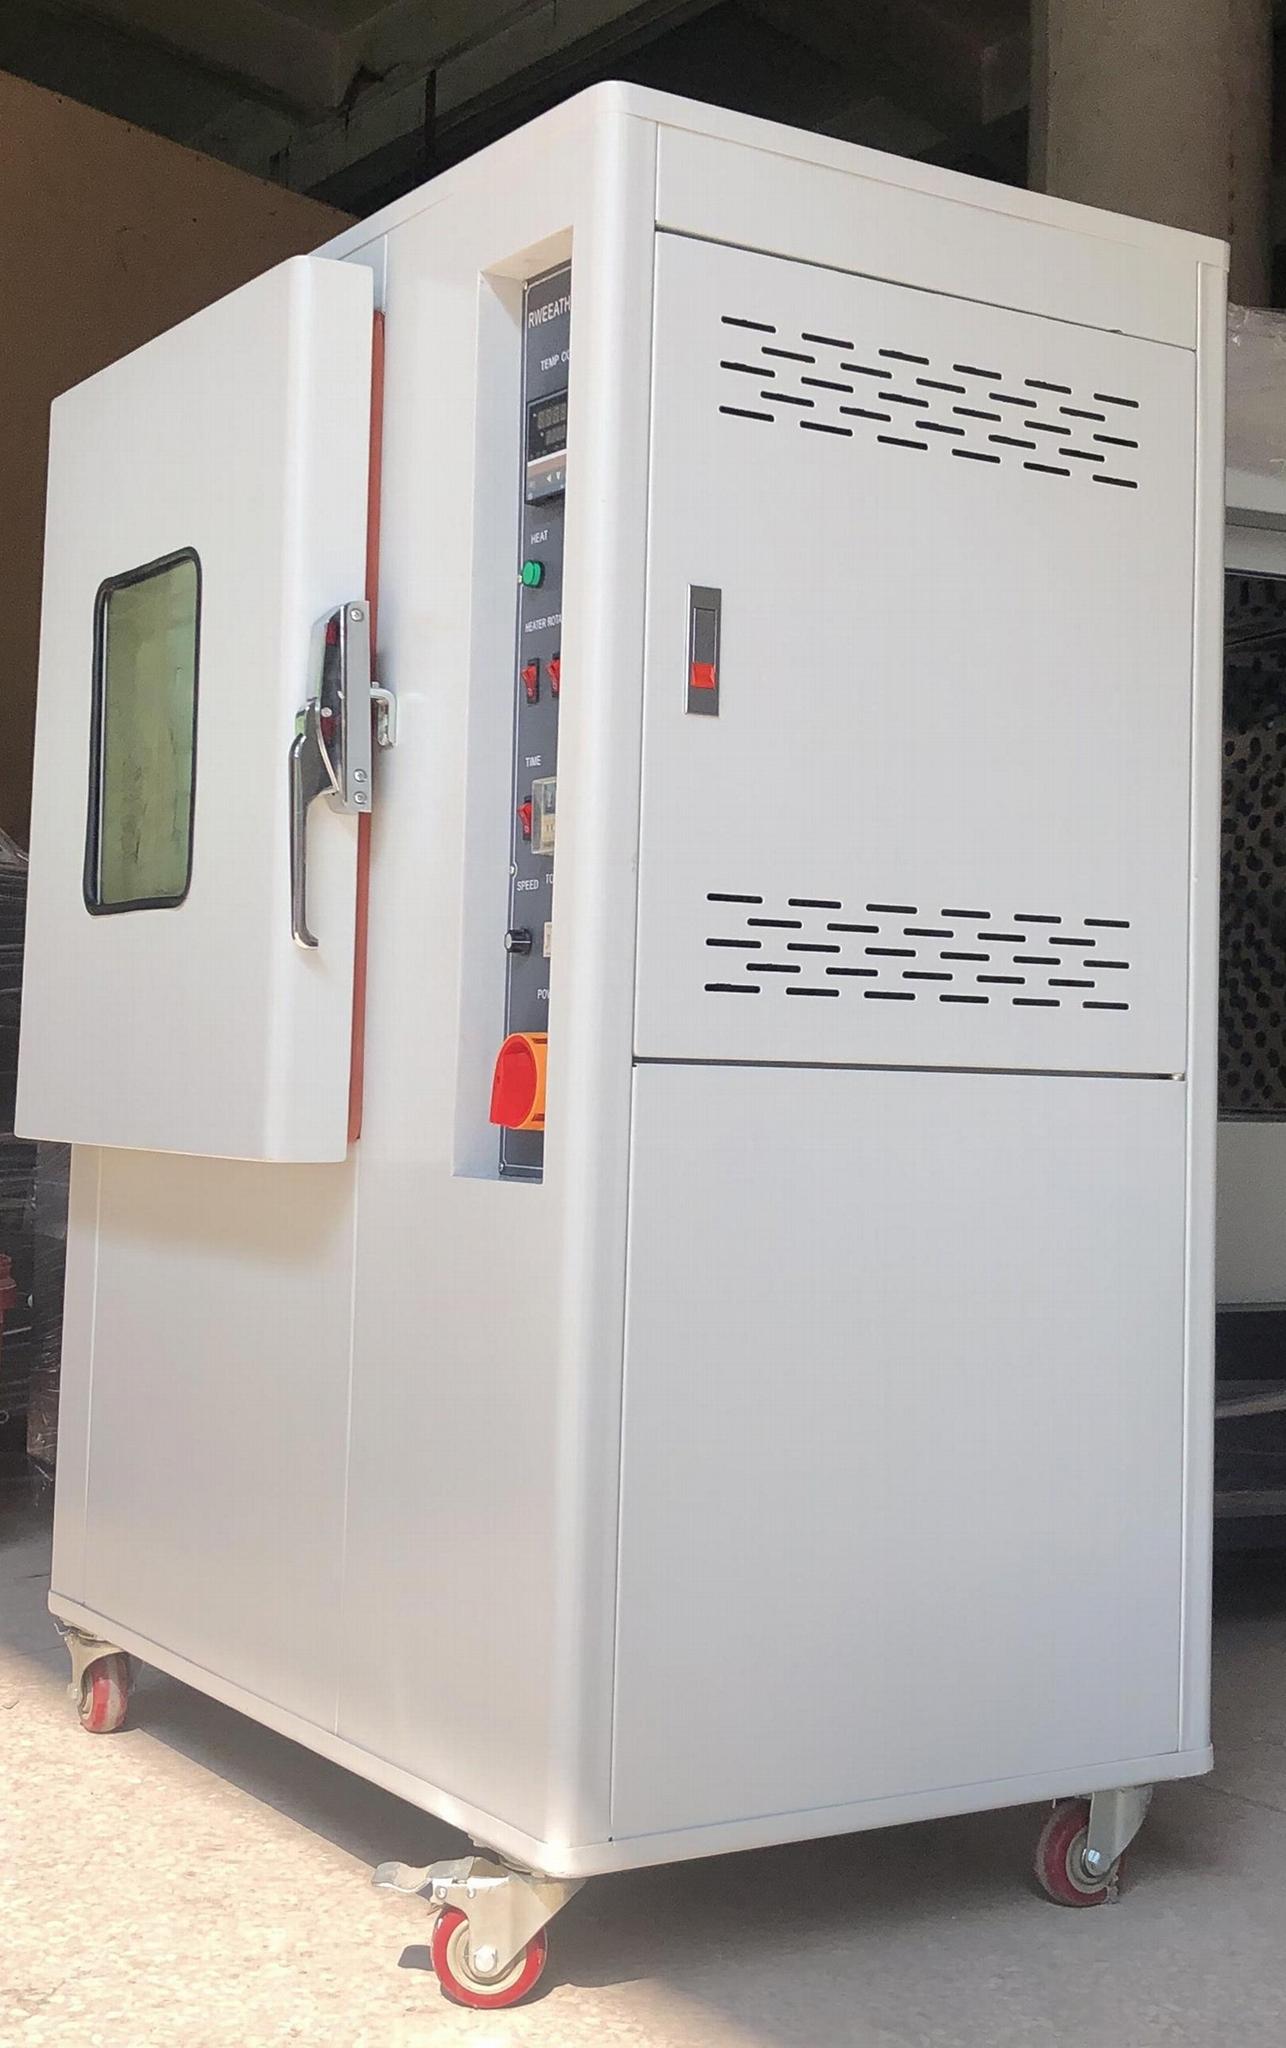 紫外光耐黃變老化試驗機,UV照射測試儀ASTM D1148,HG/T 3689 4